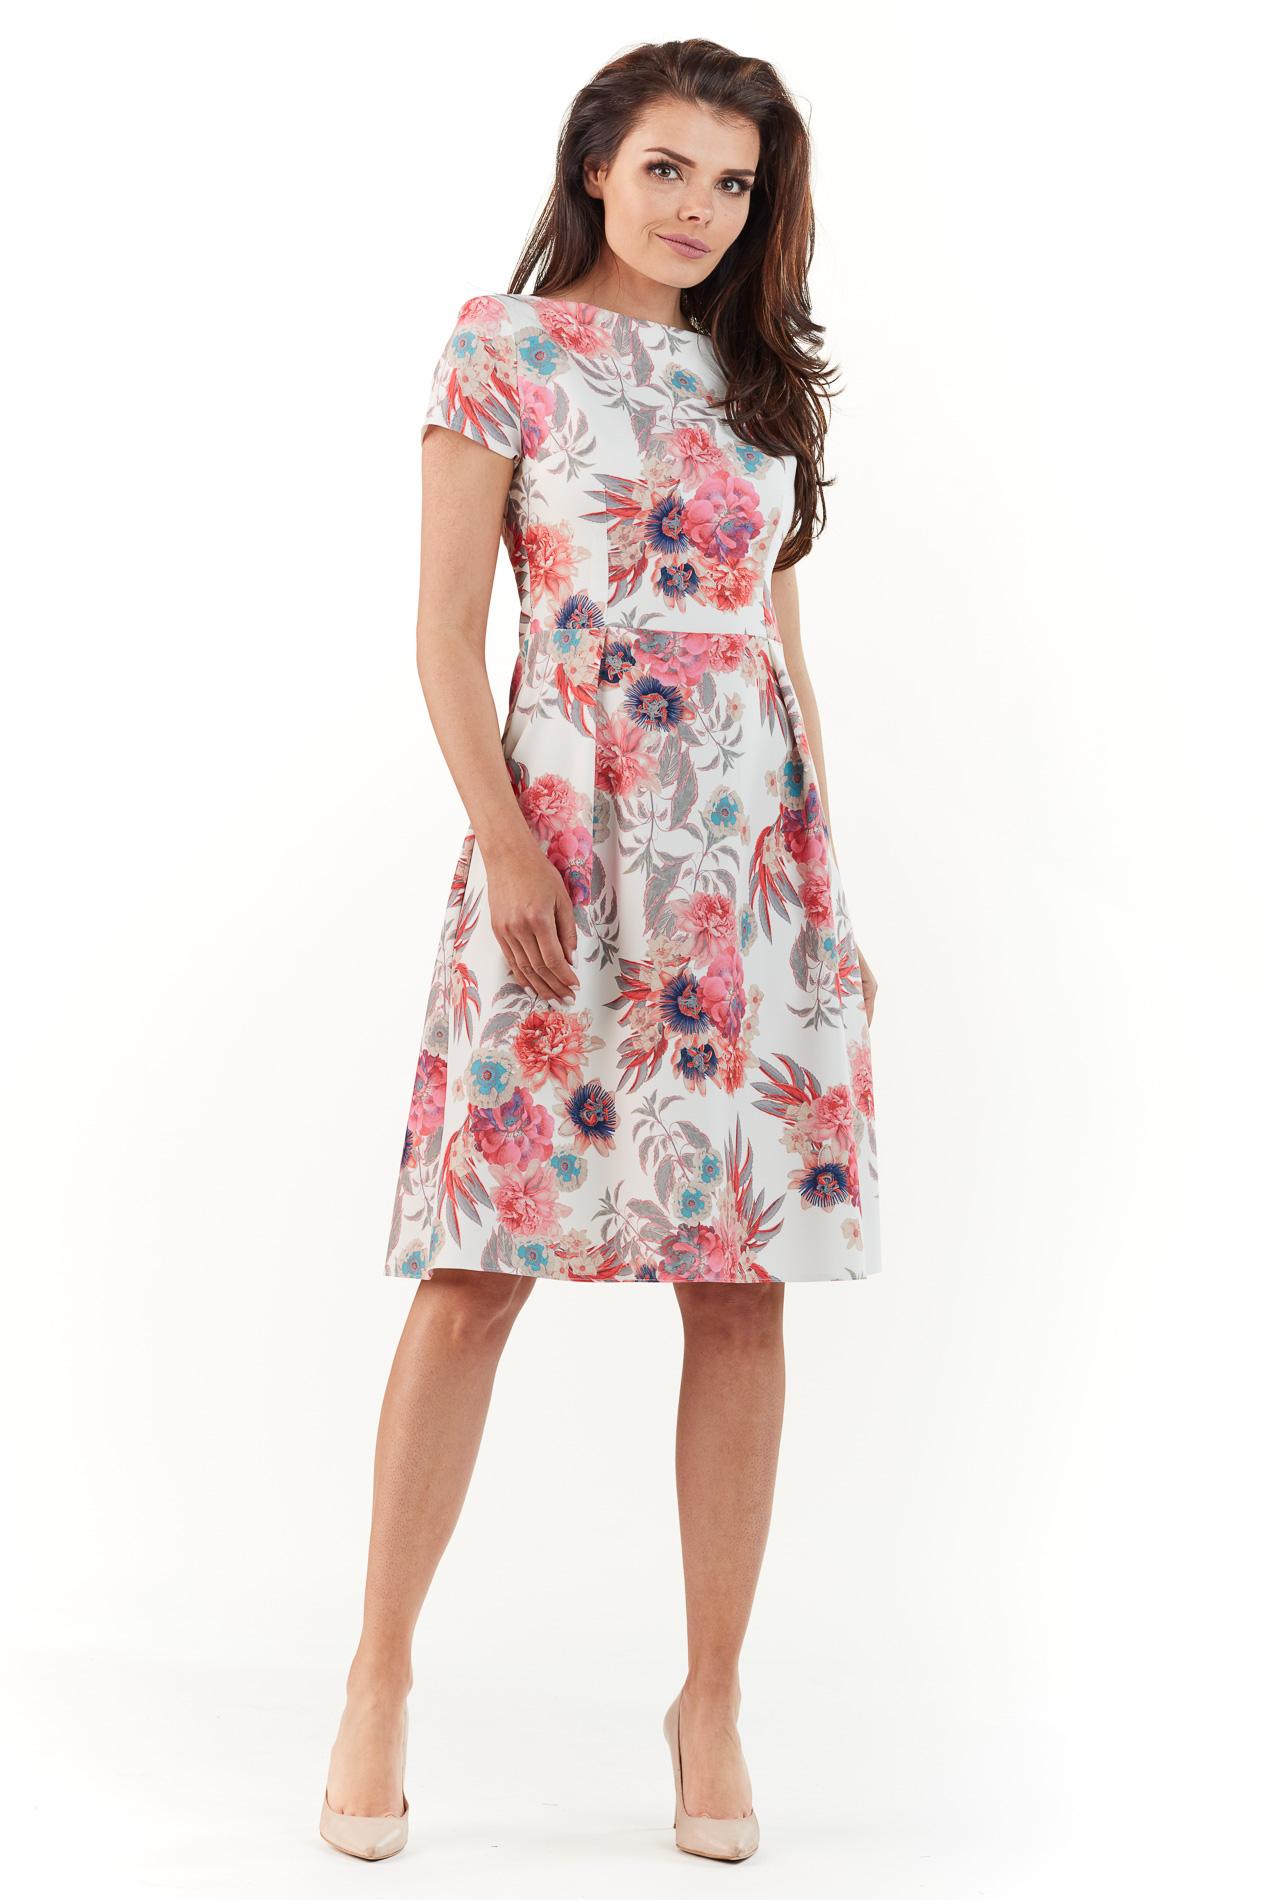 62db521191 Sukienka do kolan na lato w kolorowe kwiaty - wysyłka od 5